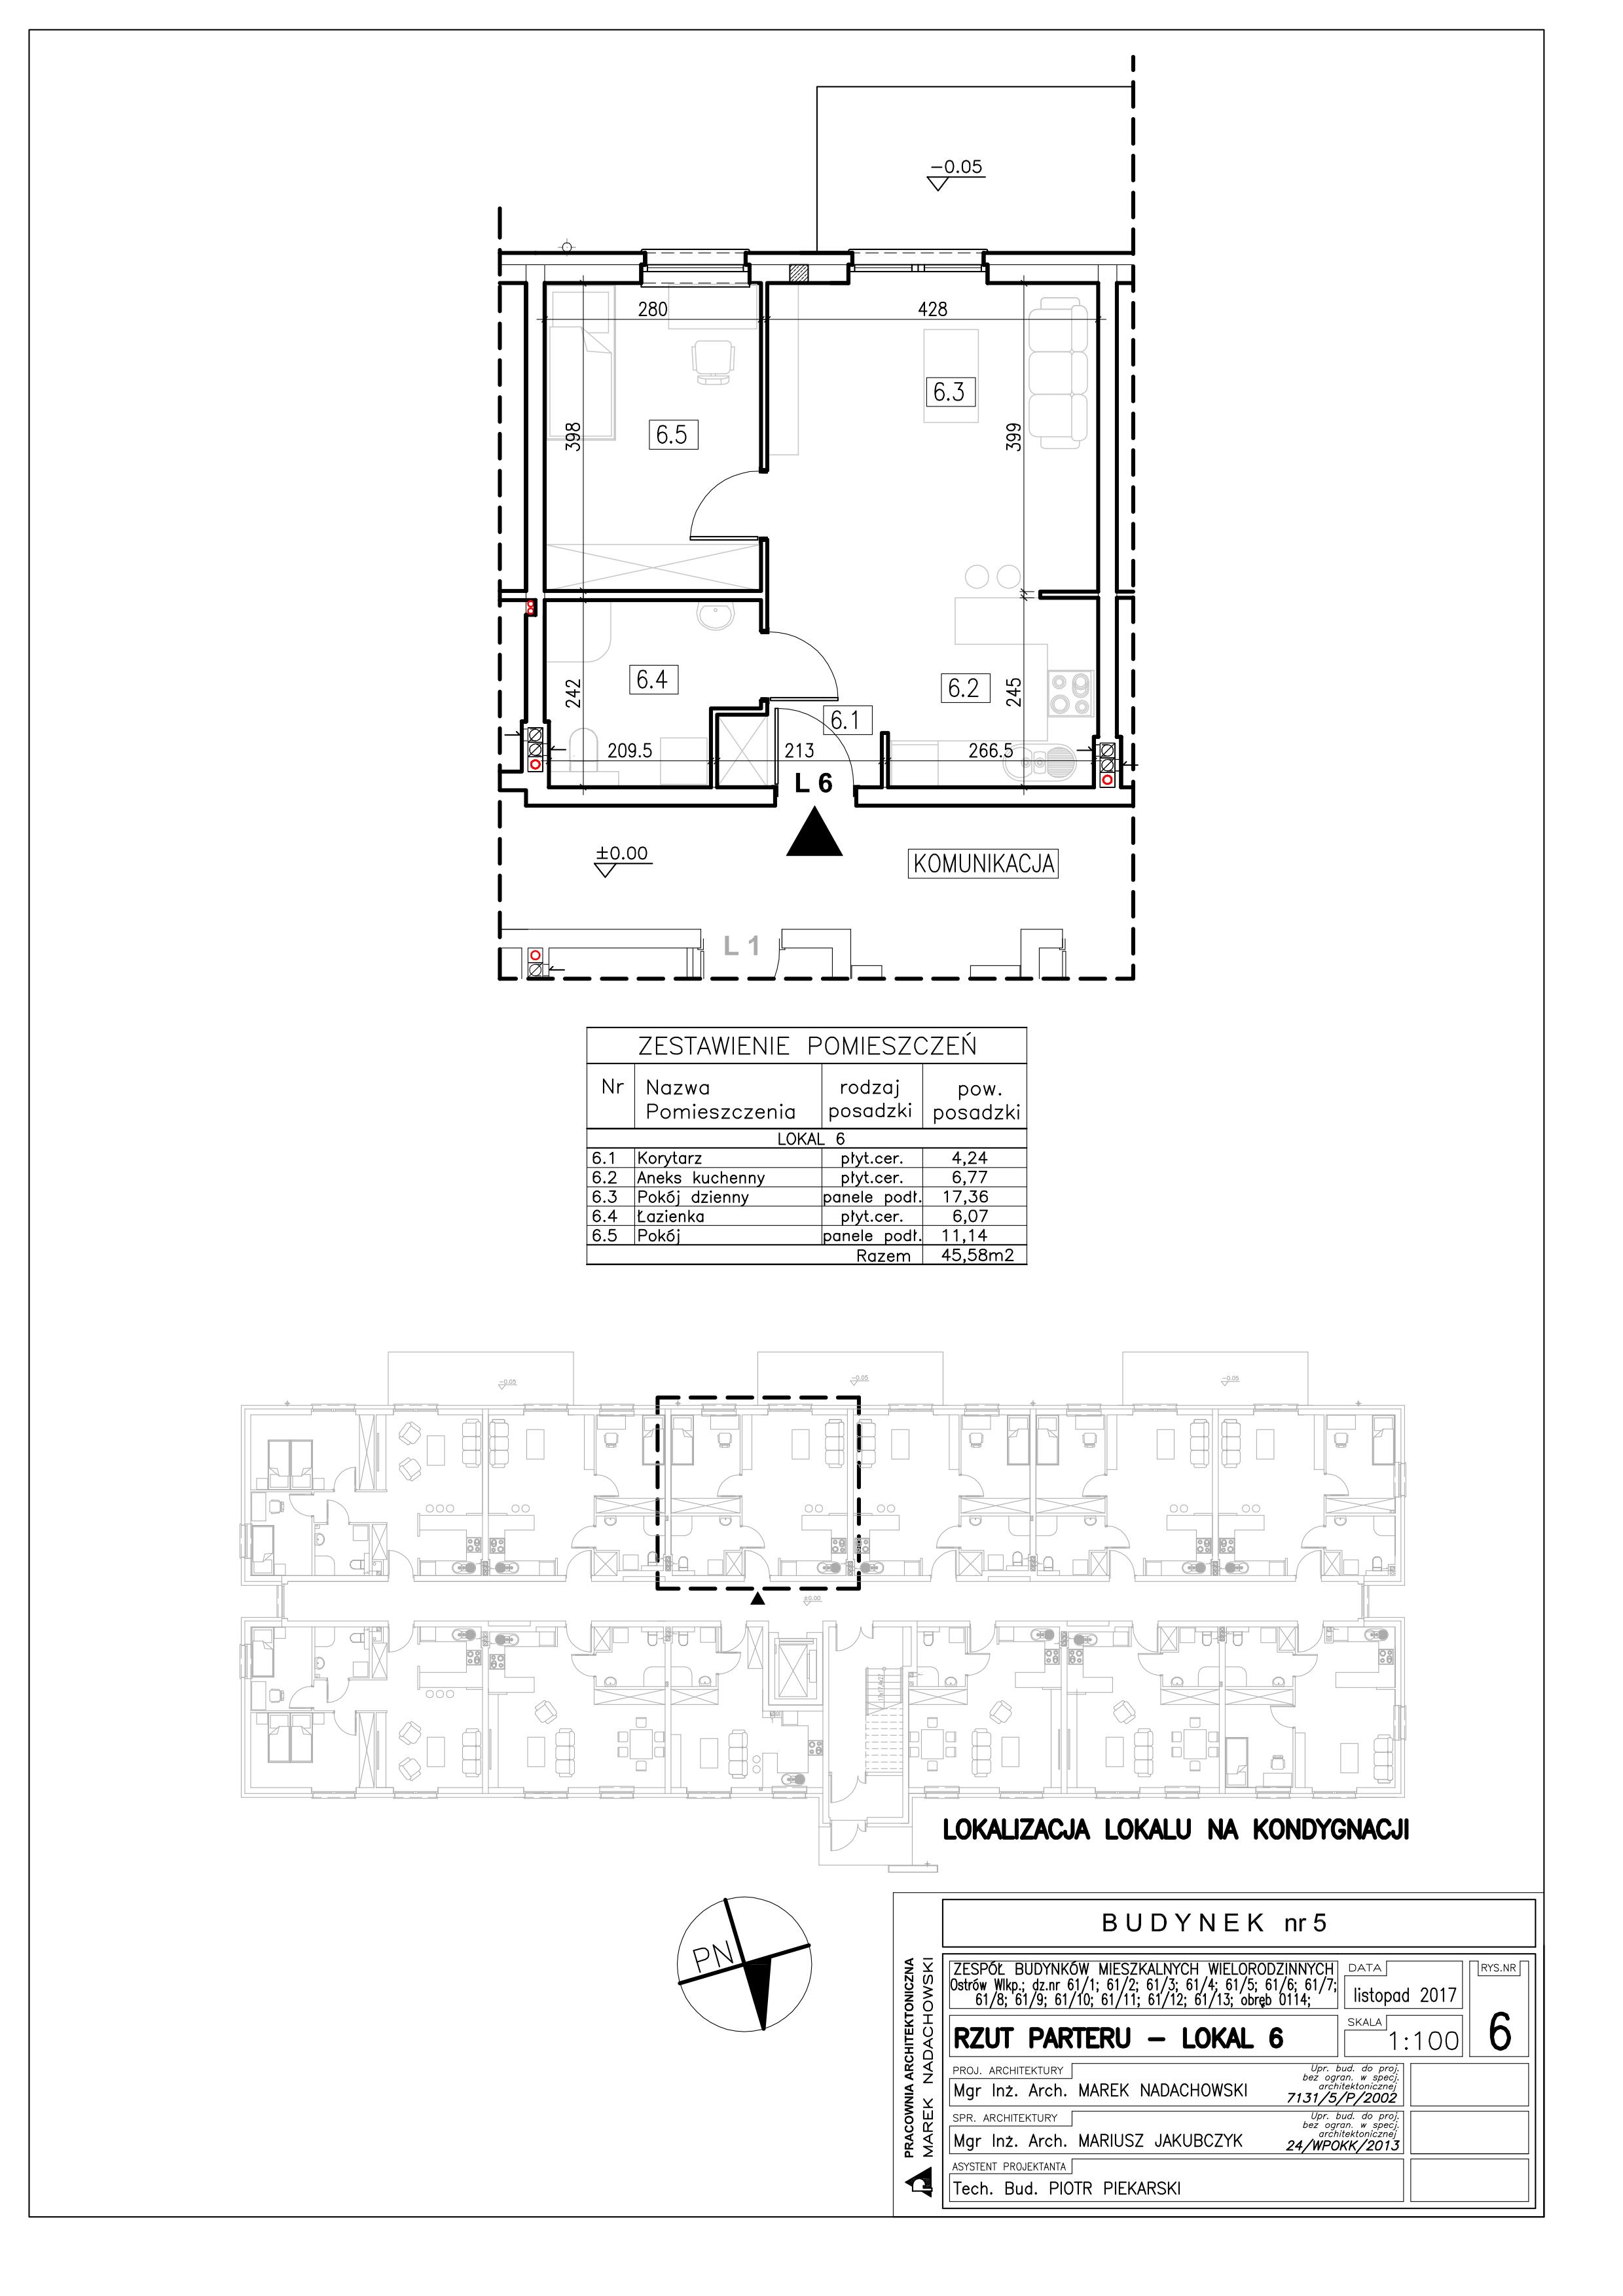 Lokal nr 6 Powierzchnia: 45,58 m2